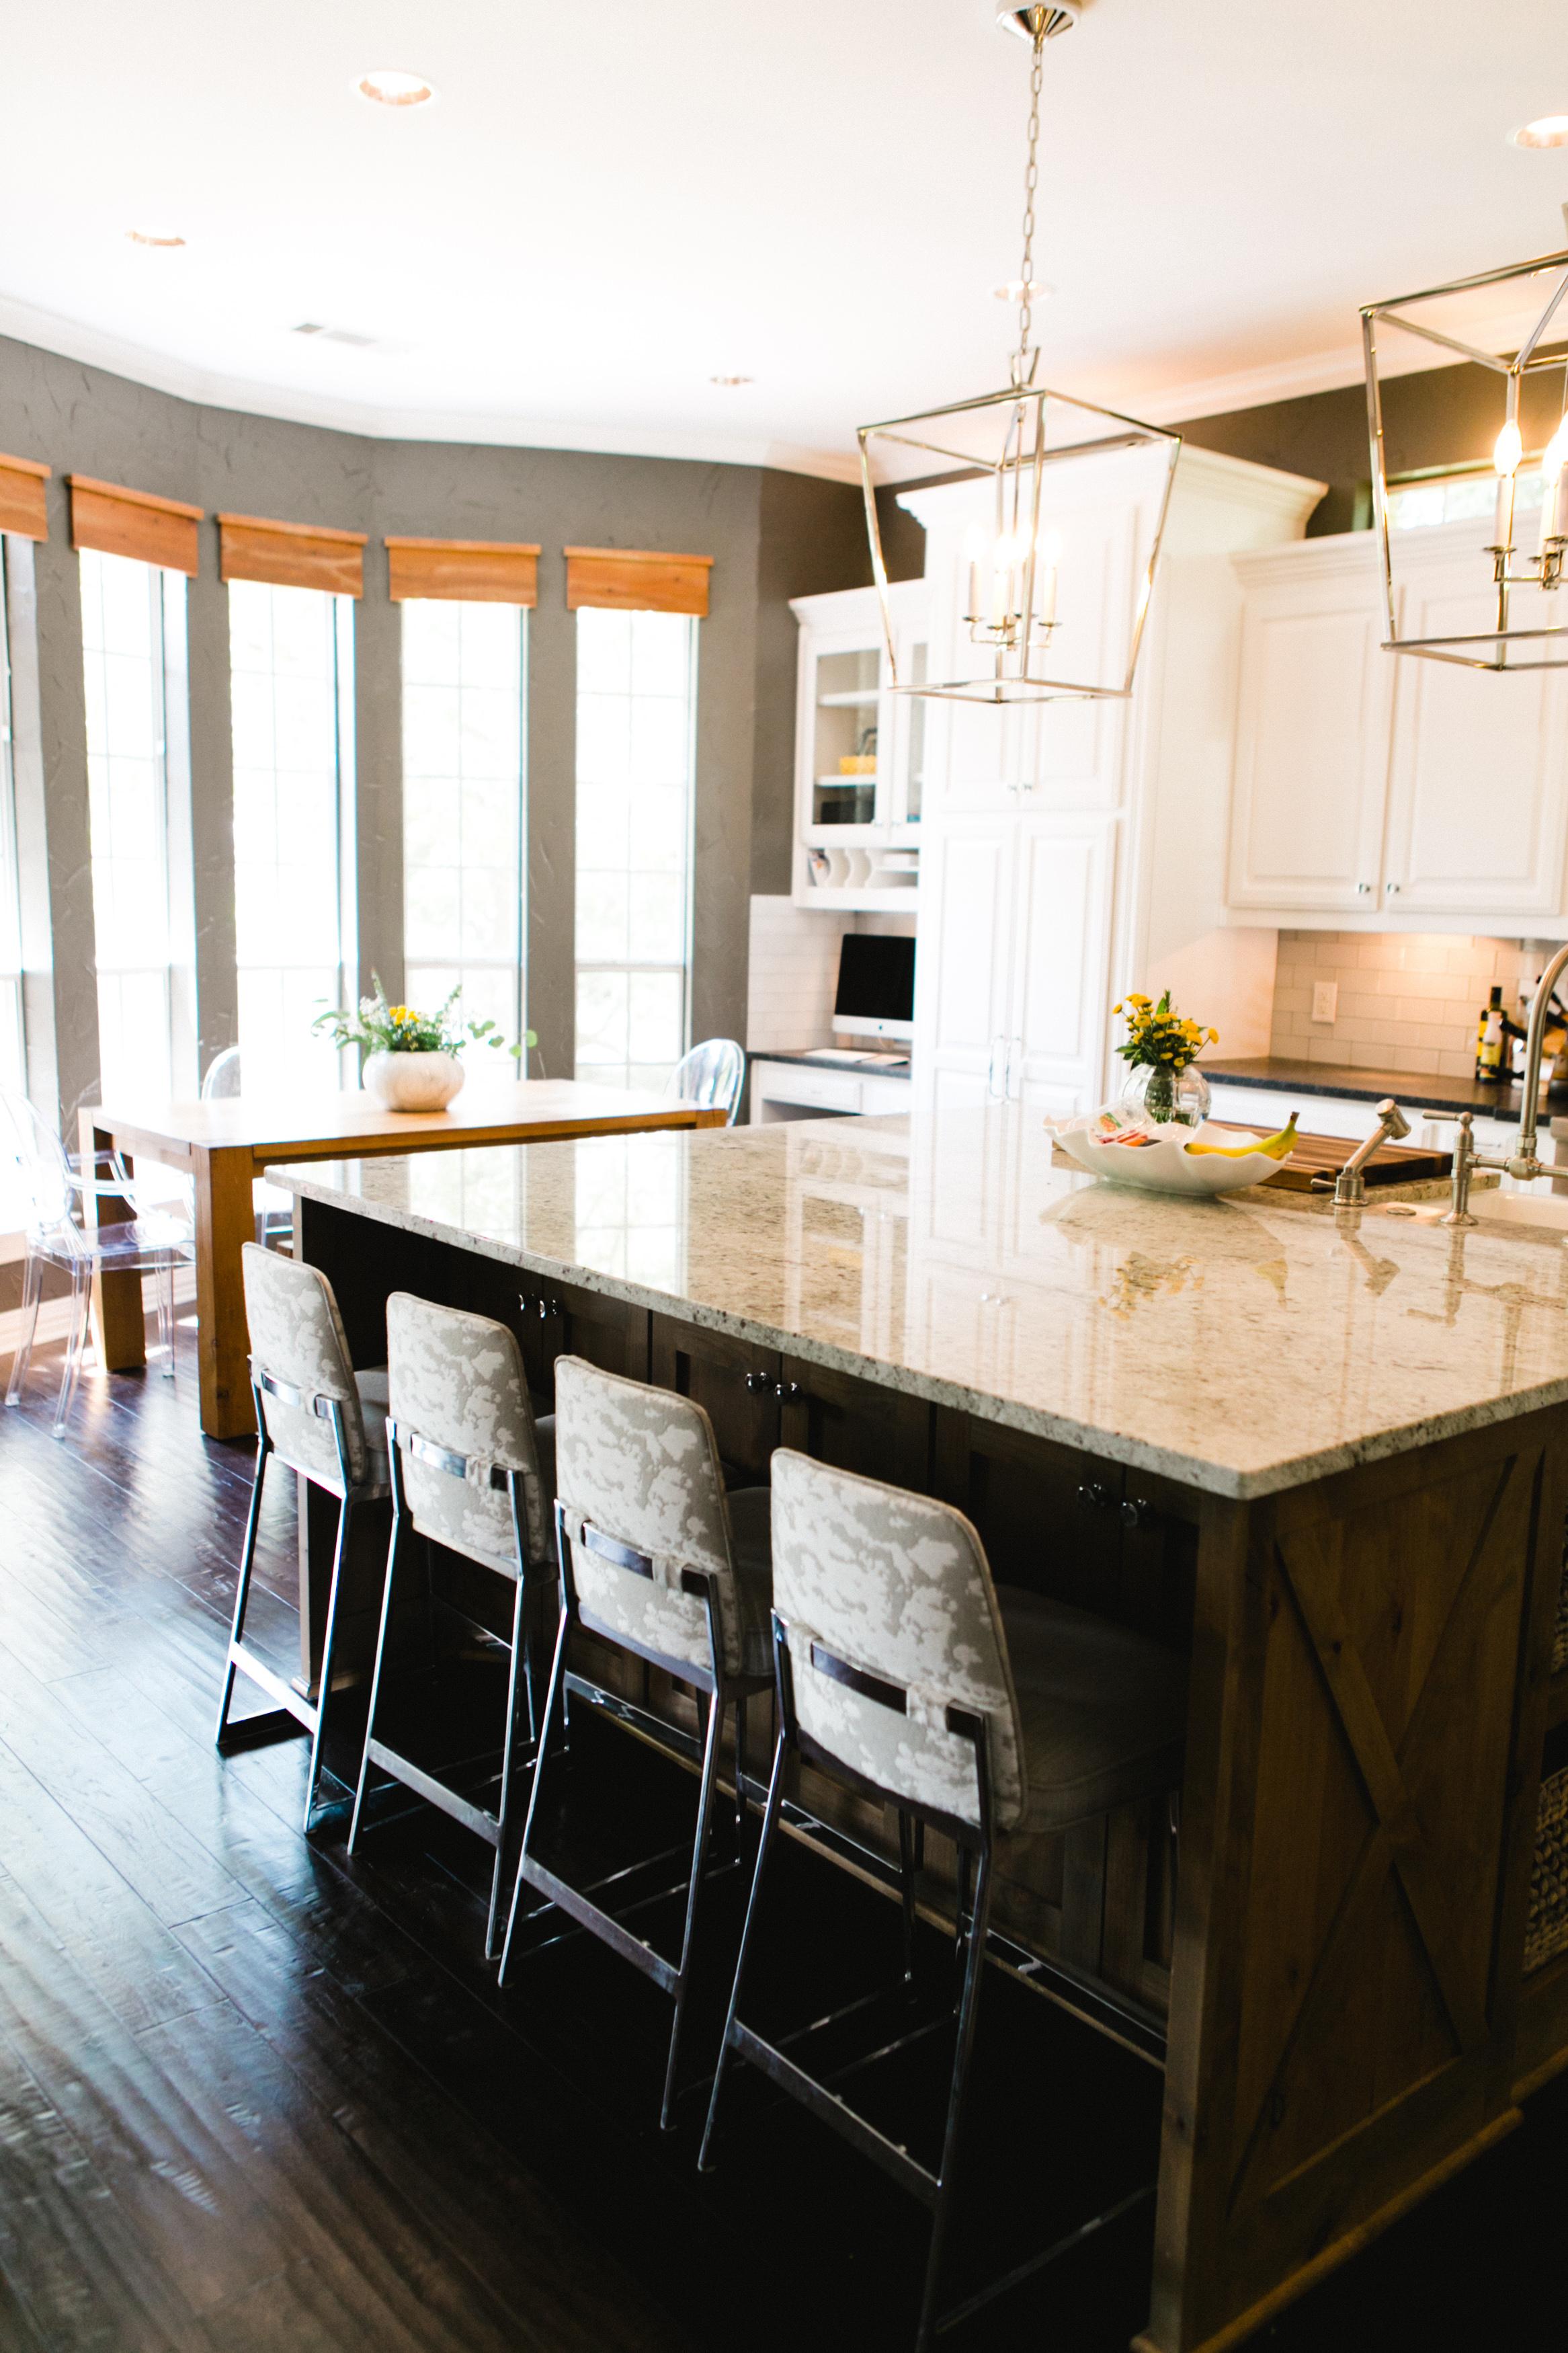 Southlake Kitchen Remodel  7.jpg